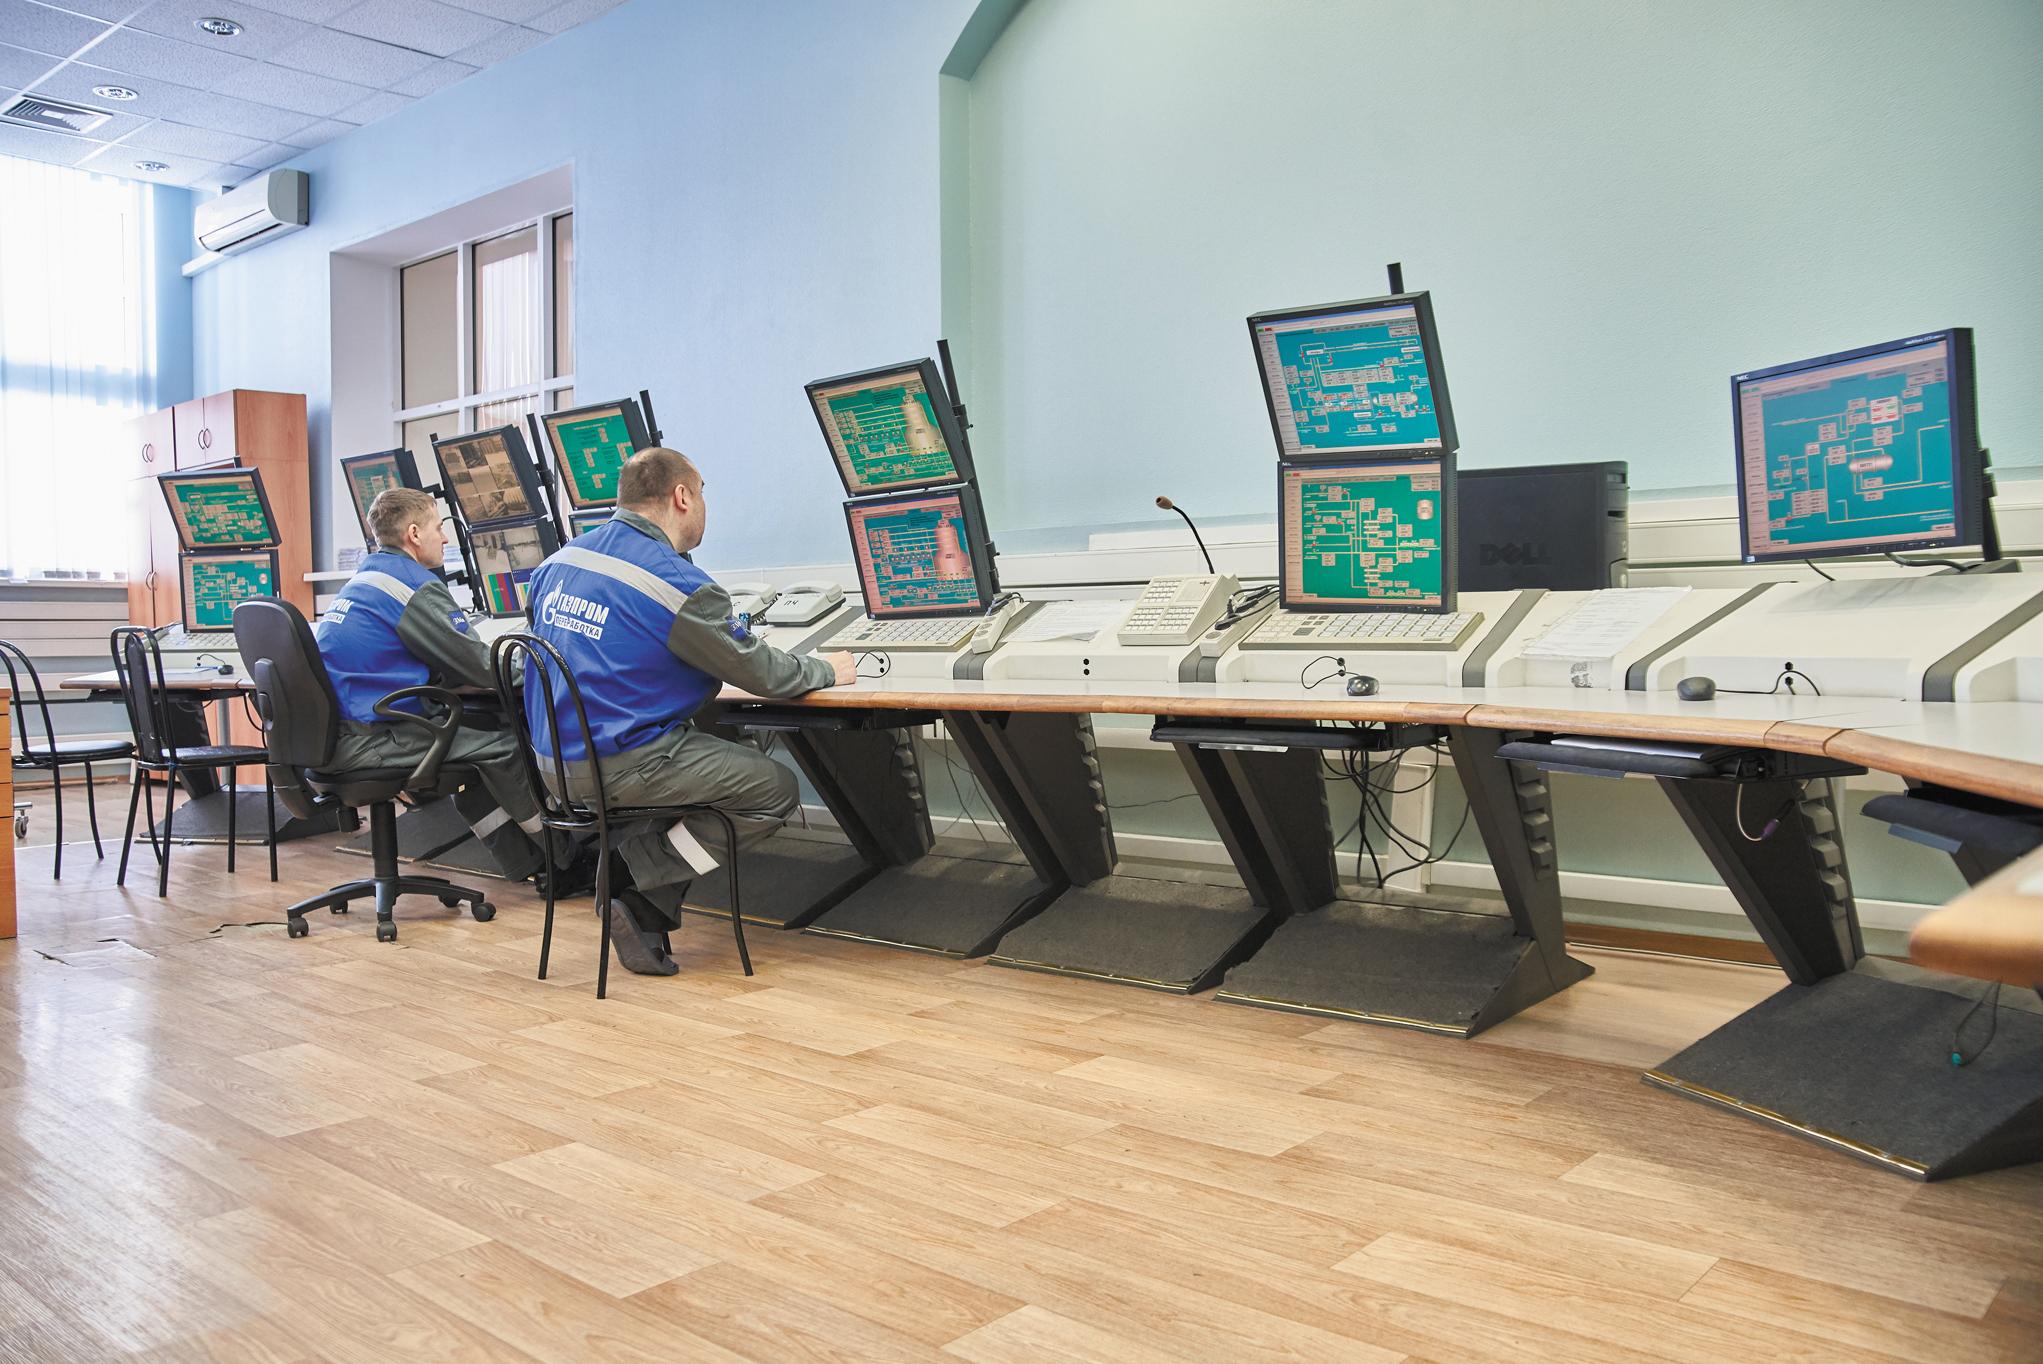 Контроль и управление технологическими процессами У-25 и У-26 осуществляется из центральной операторной.